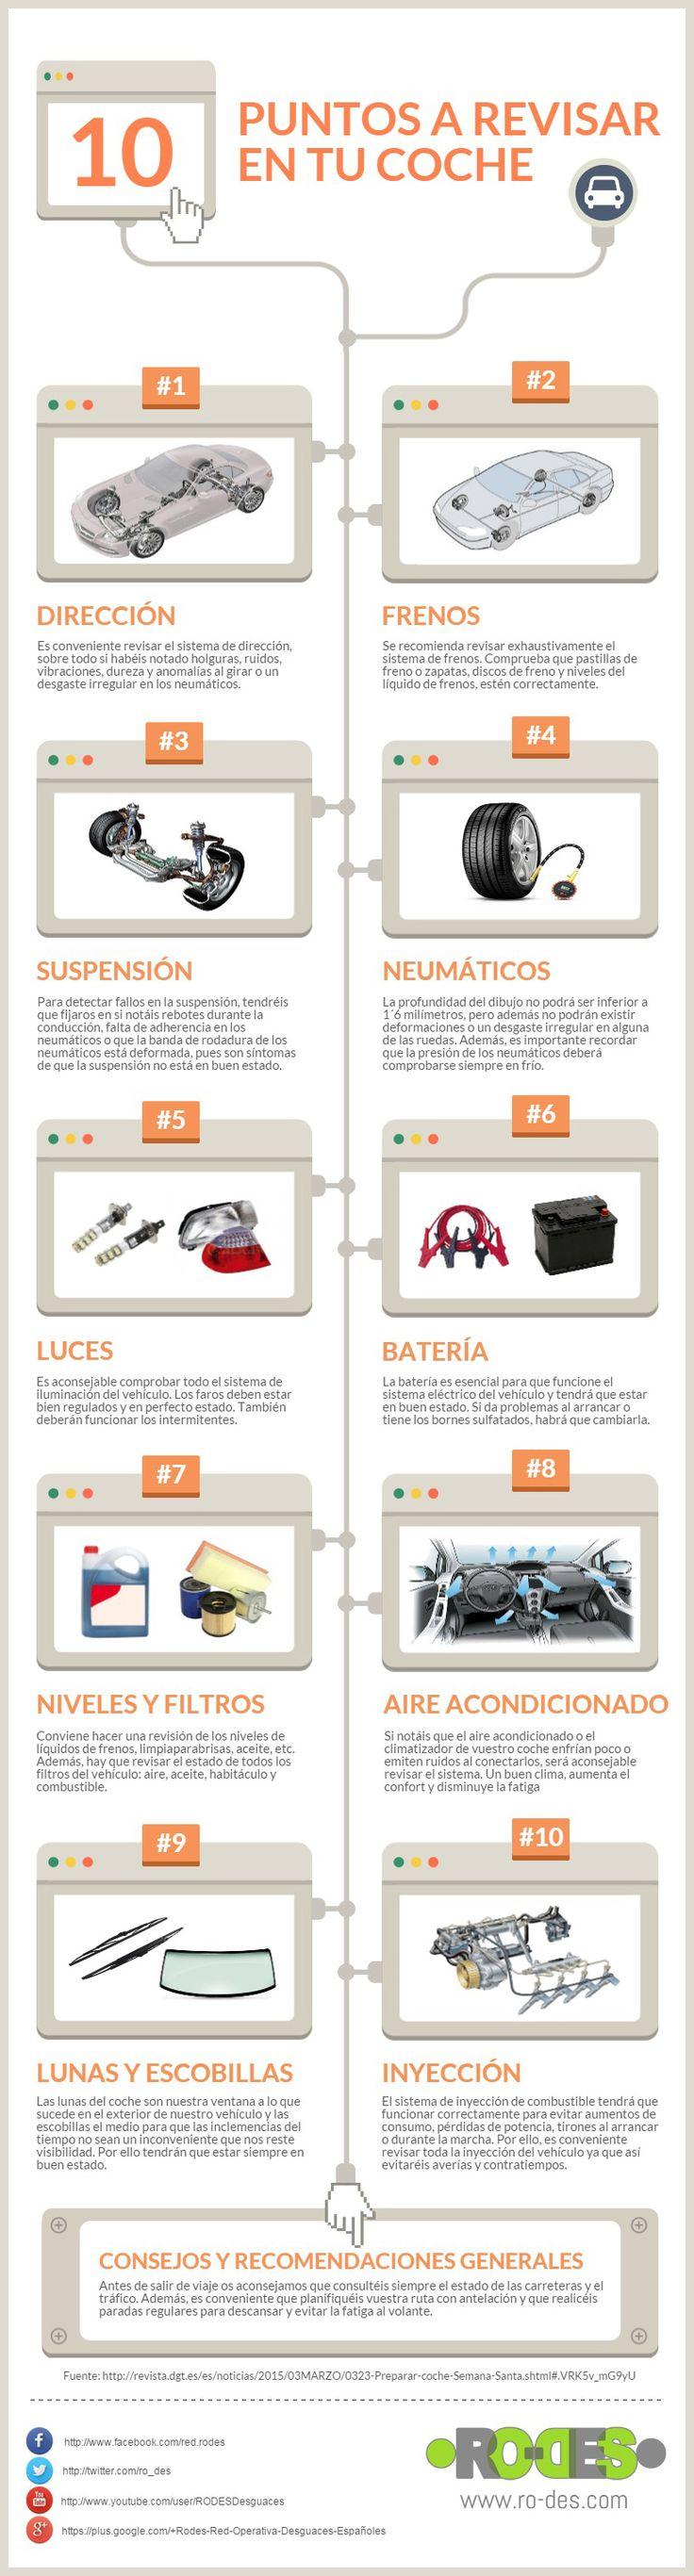 10 puntos que debes revisar en tu #coche antes de tu viaje de Semana Santa  #mantenimiento #averías #mecánica http://krro.com.mx/